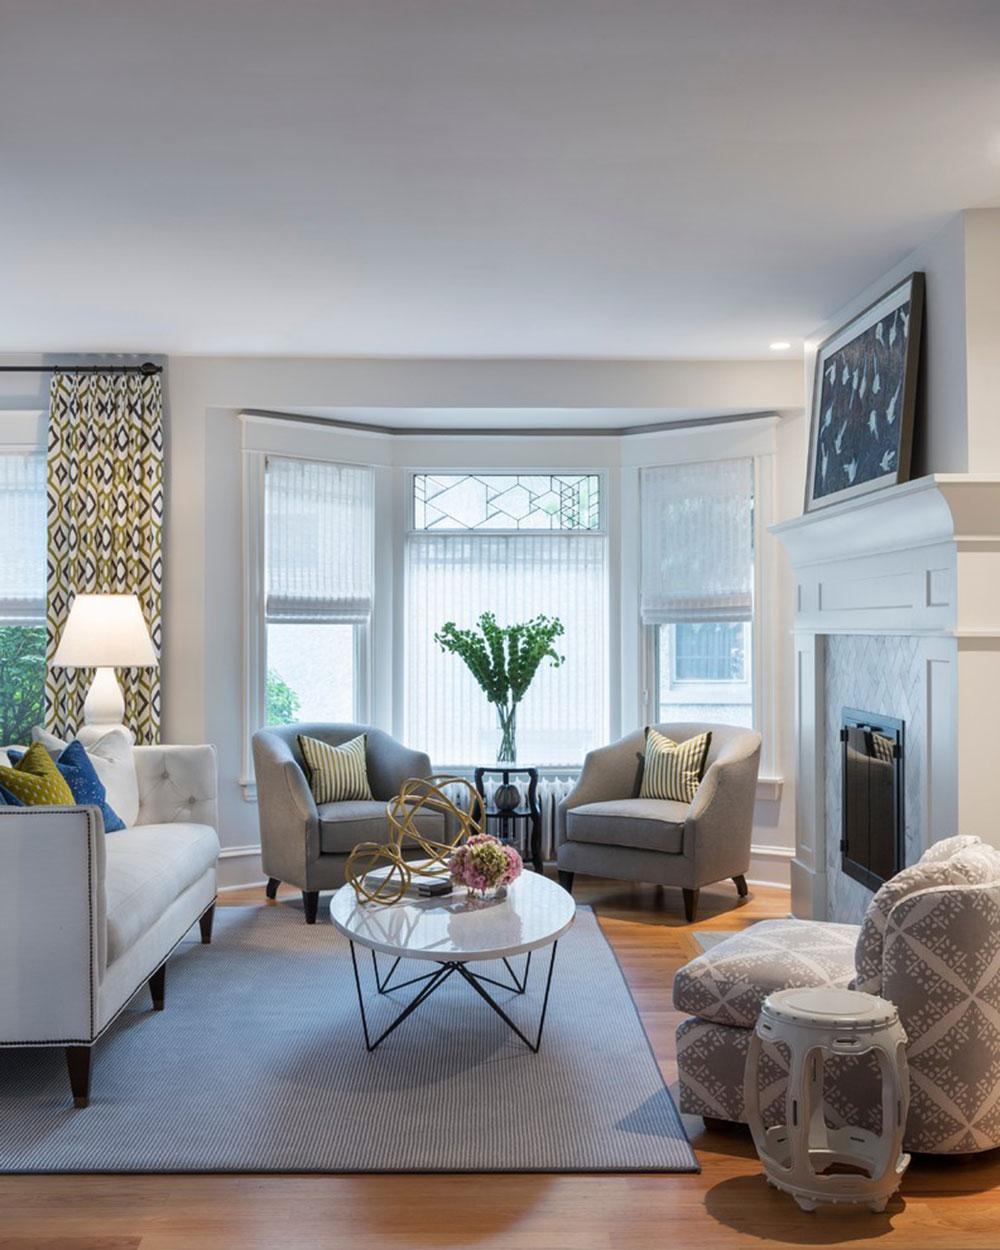 Homey-Feelings-With-These-Bay-Window-Decor-15 Bay Window Decor att prova i ditt hem